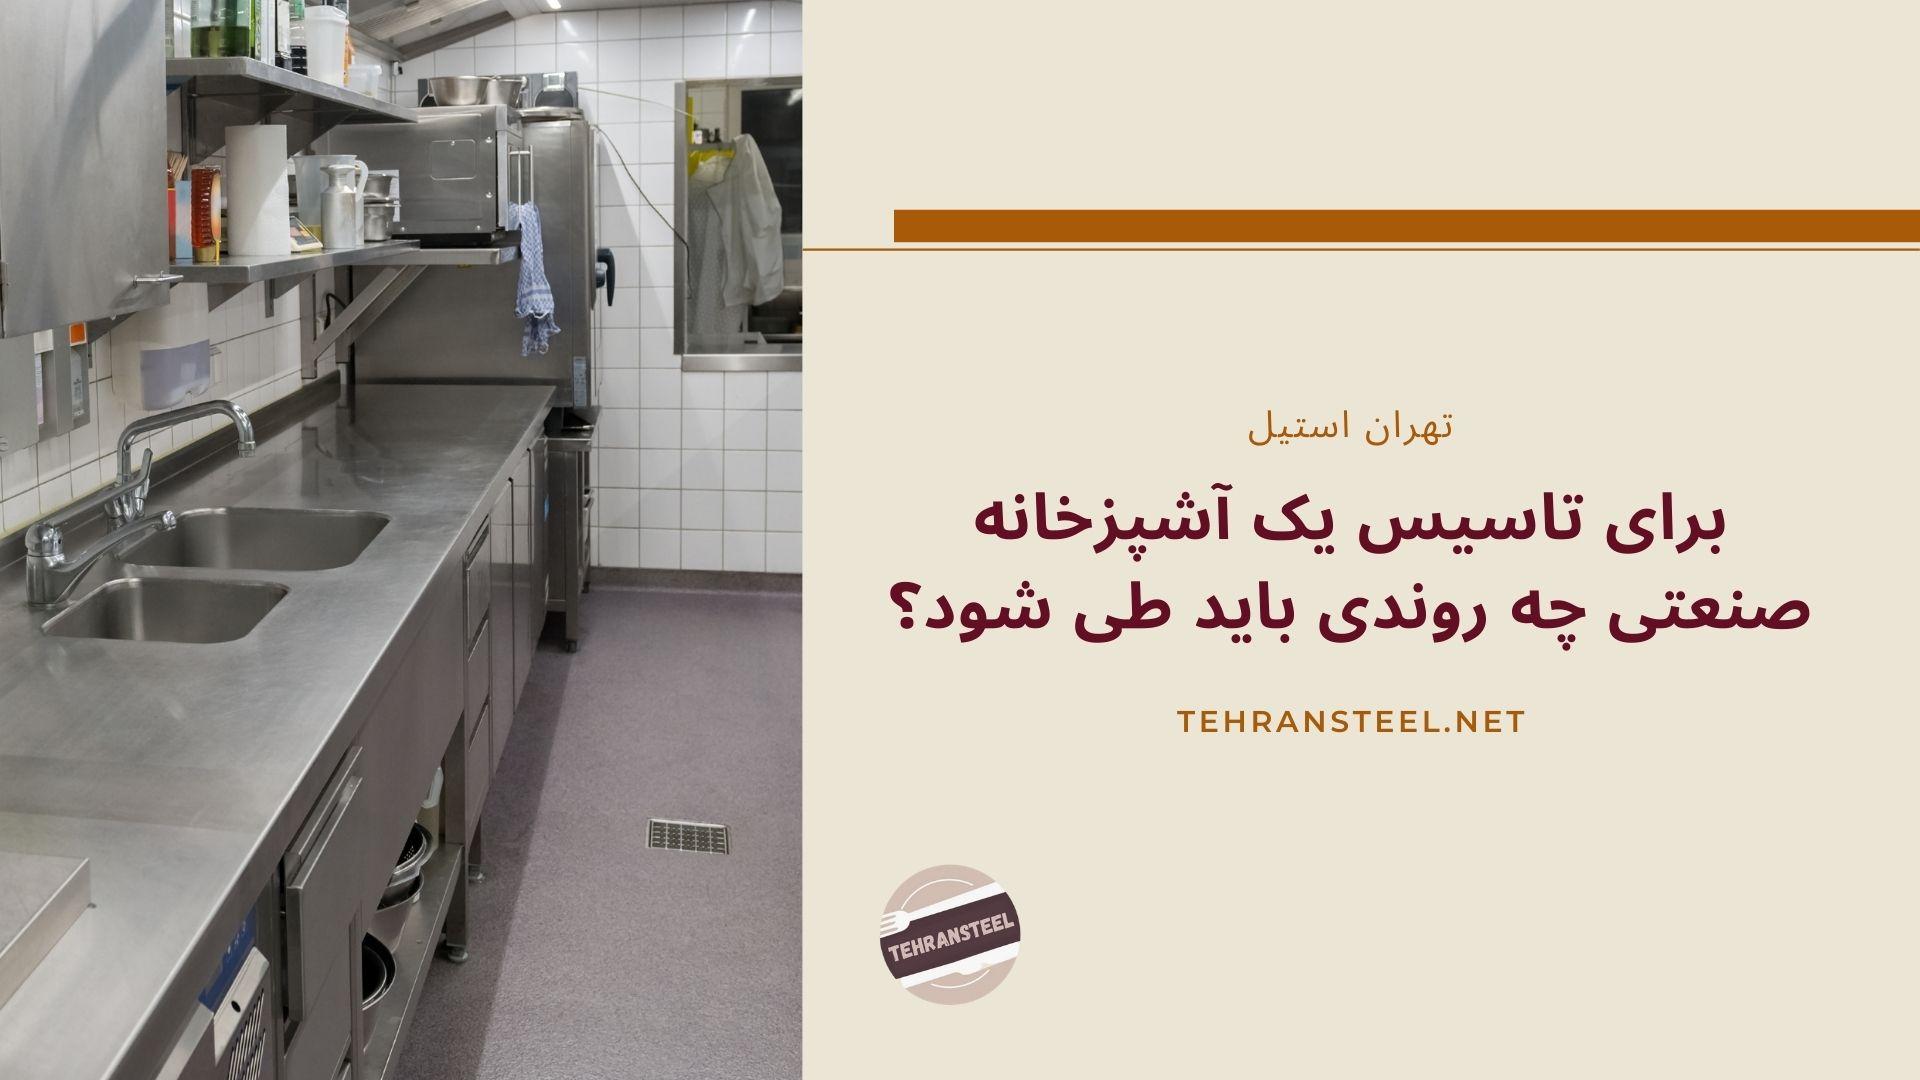 برای تاسیس یک آشپزخانه صنعتی چه روندی باید طی شود؟